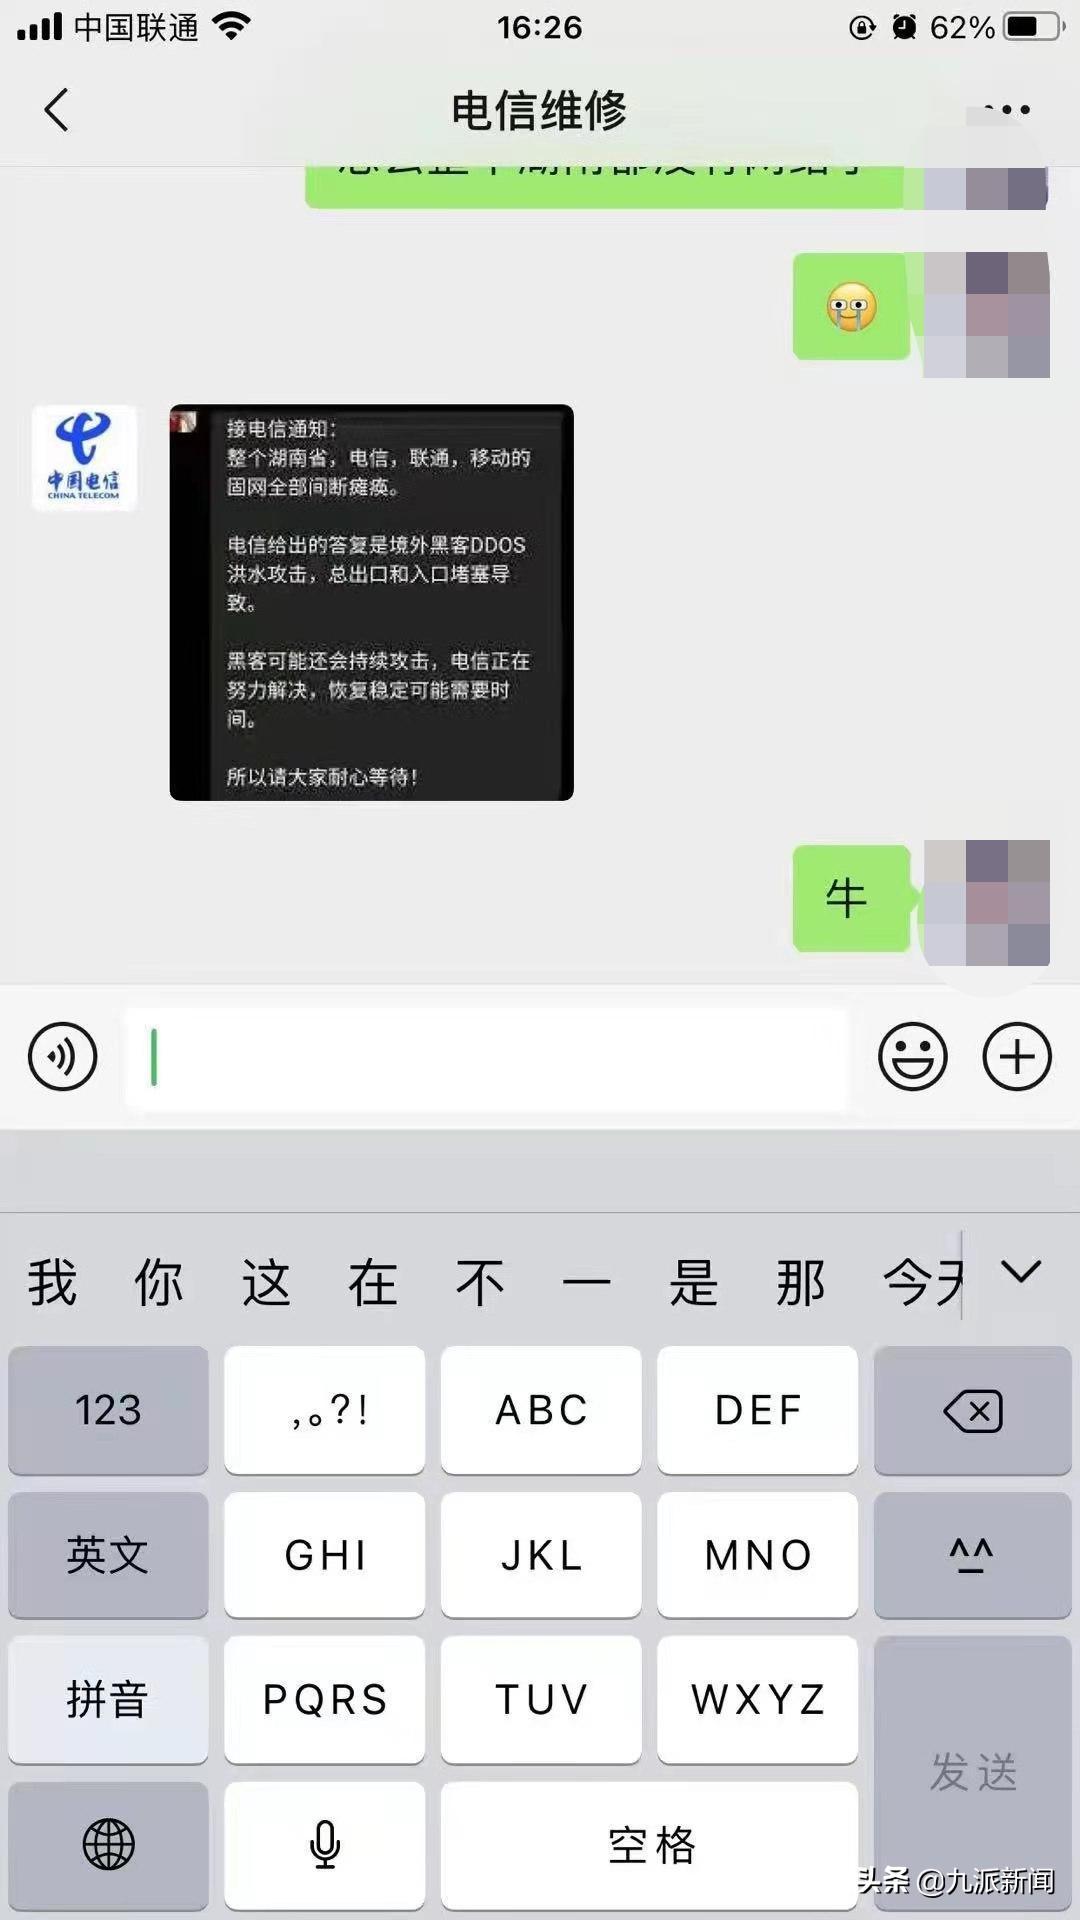 湖南电信网络崩了,通知称系遭黑客攻击,工作人员:网络正在升级